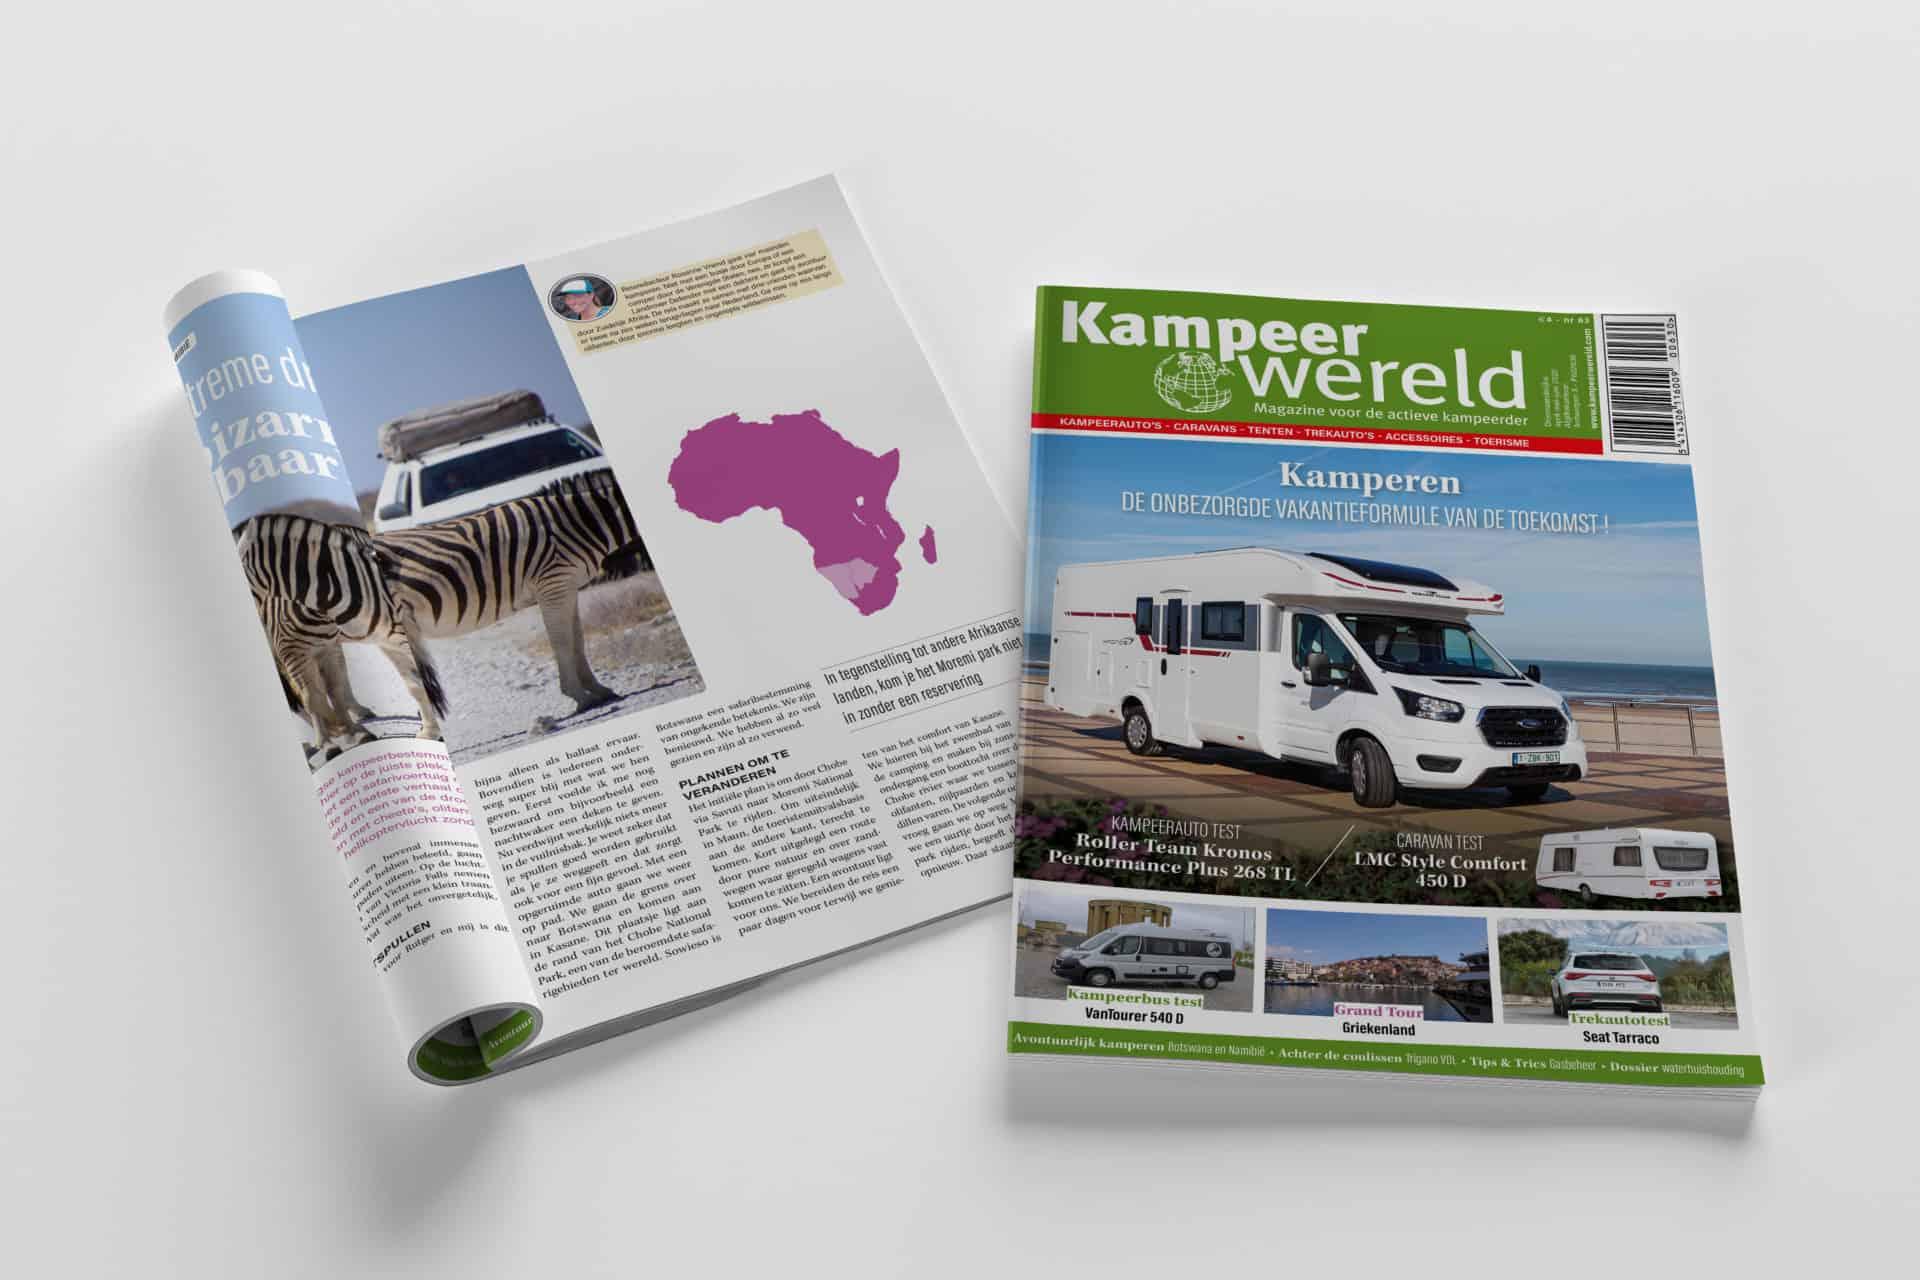 Kampeerwereld_magazine